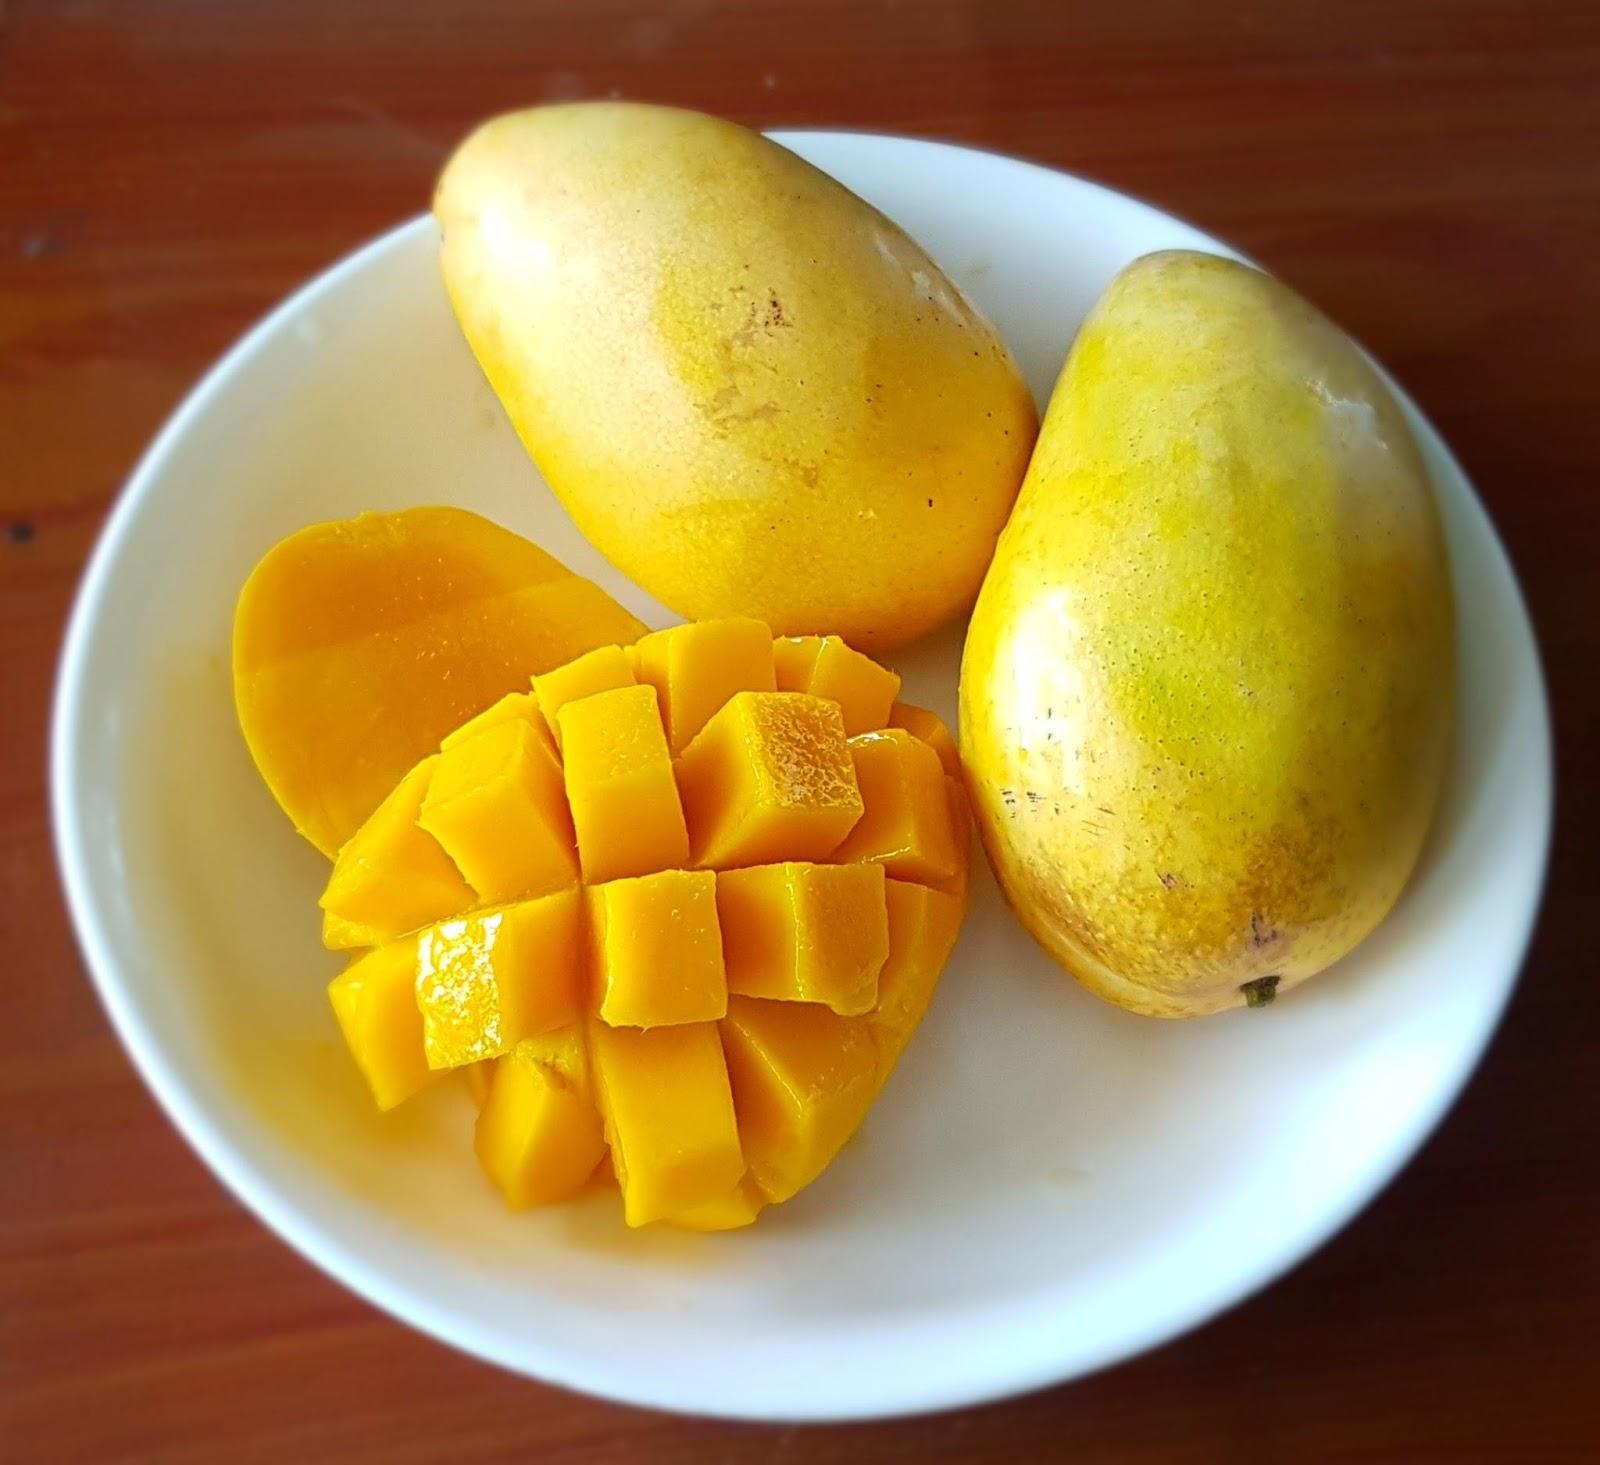 mango na talerzu